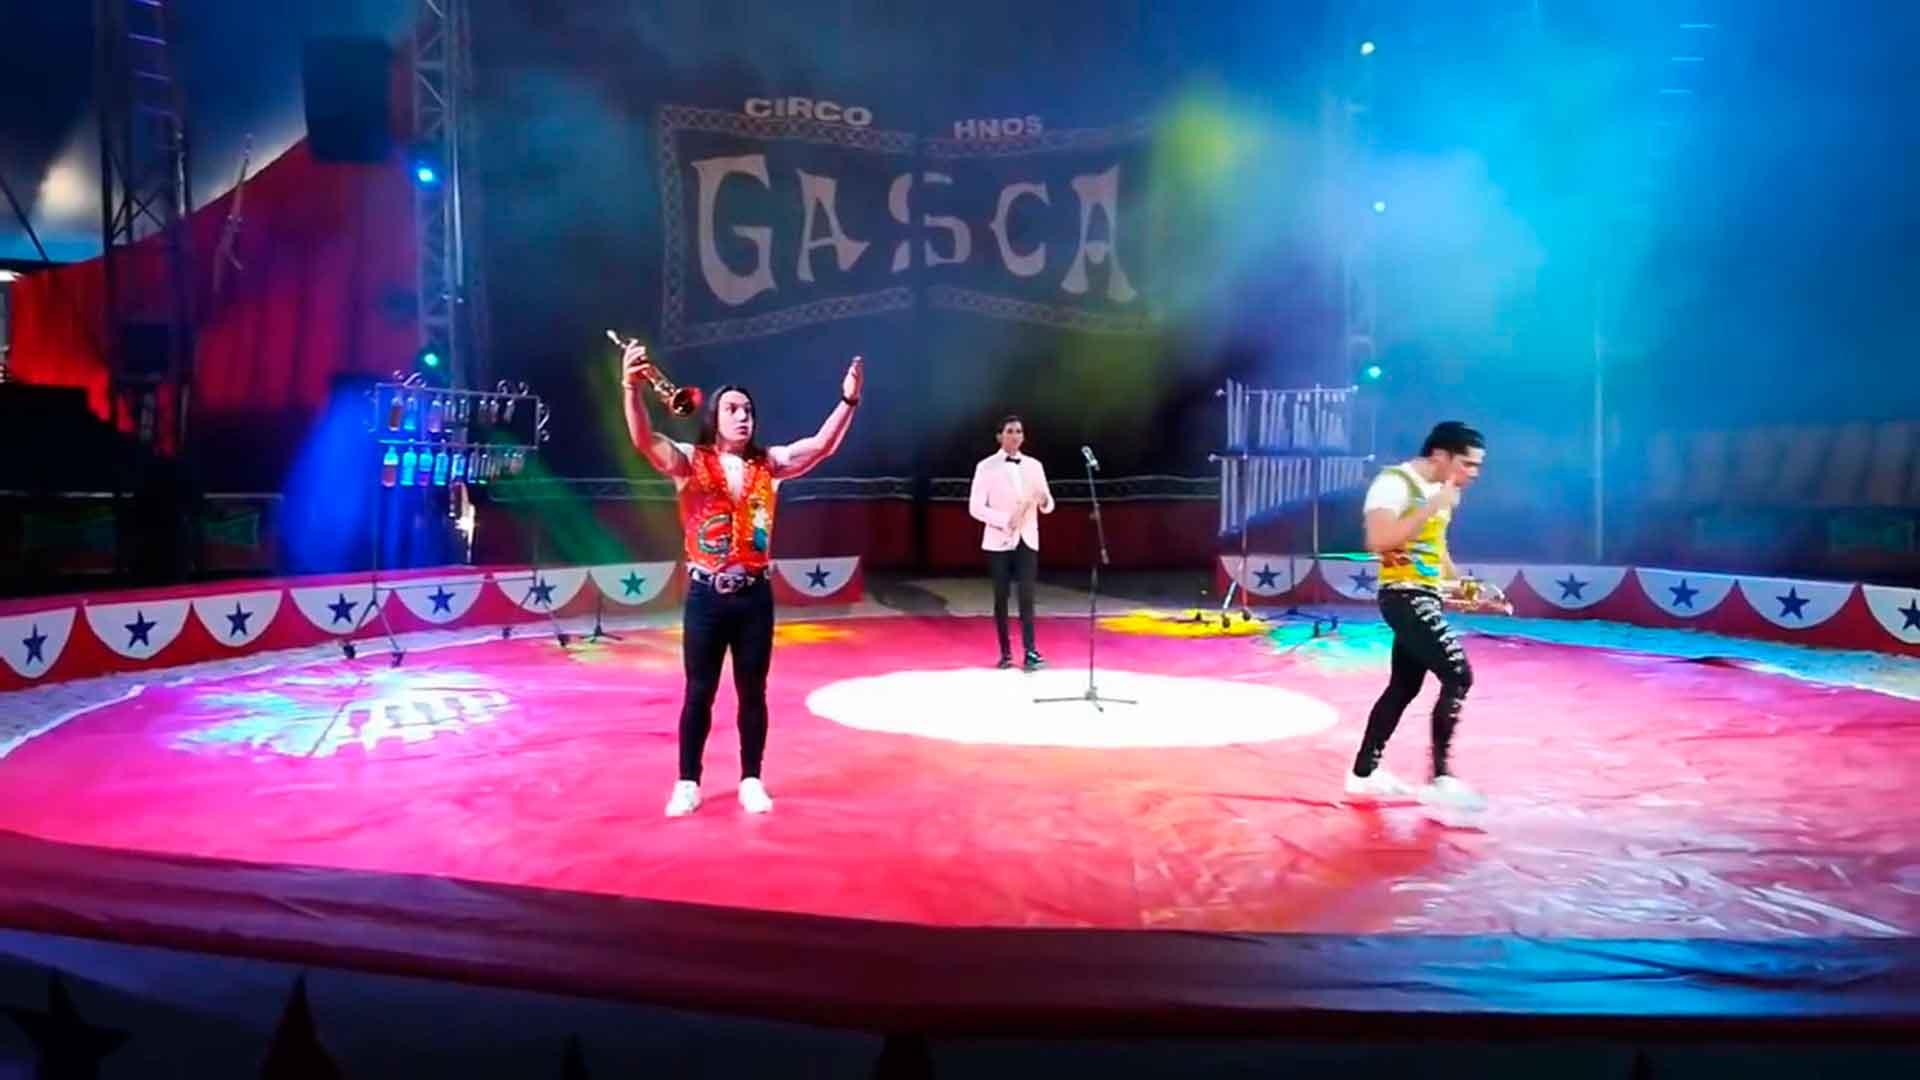 Circo familia